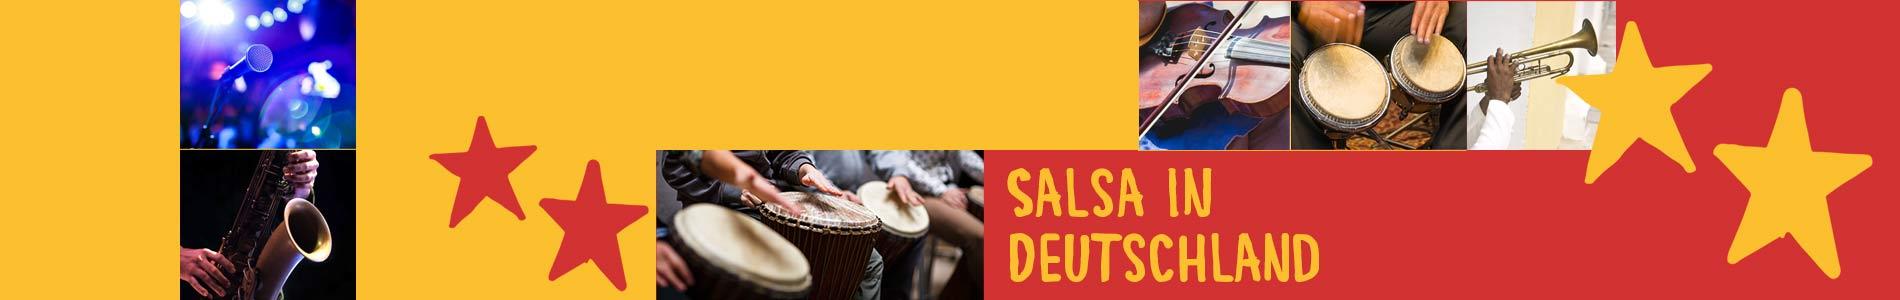 Salsa in Bous – Salsa lernen und tanzen, Tanzkurse, Partys, Veranstaltungen